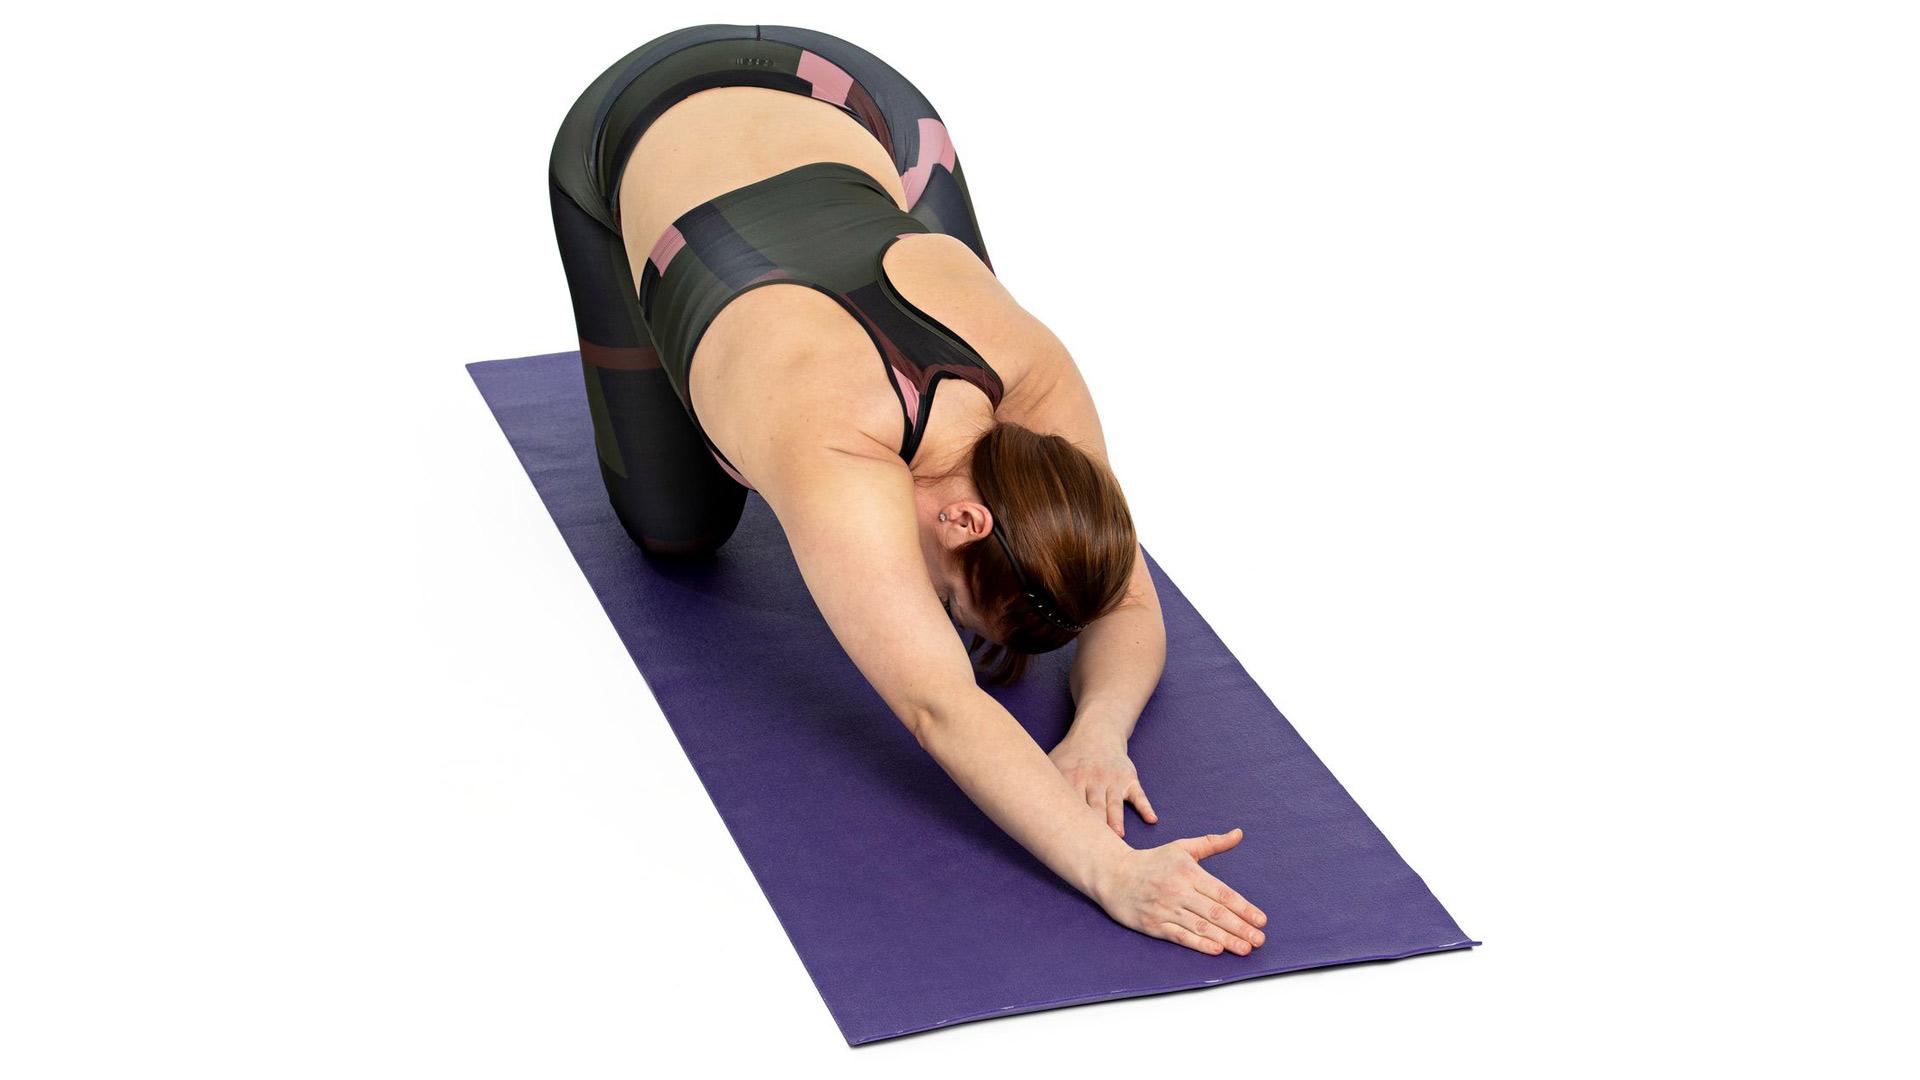 Kurota etuviistoon lattiaa pitkin suoralla kädellä, paina kainaloa lattiaa kohti ja hieman sivulle ja puske saman puolen istuinkyhmyä taaksepäin.